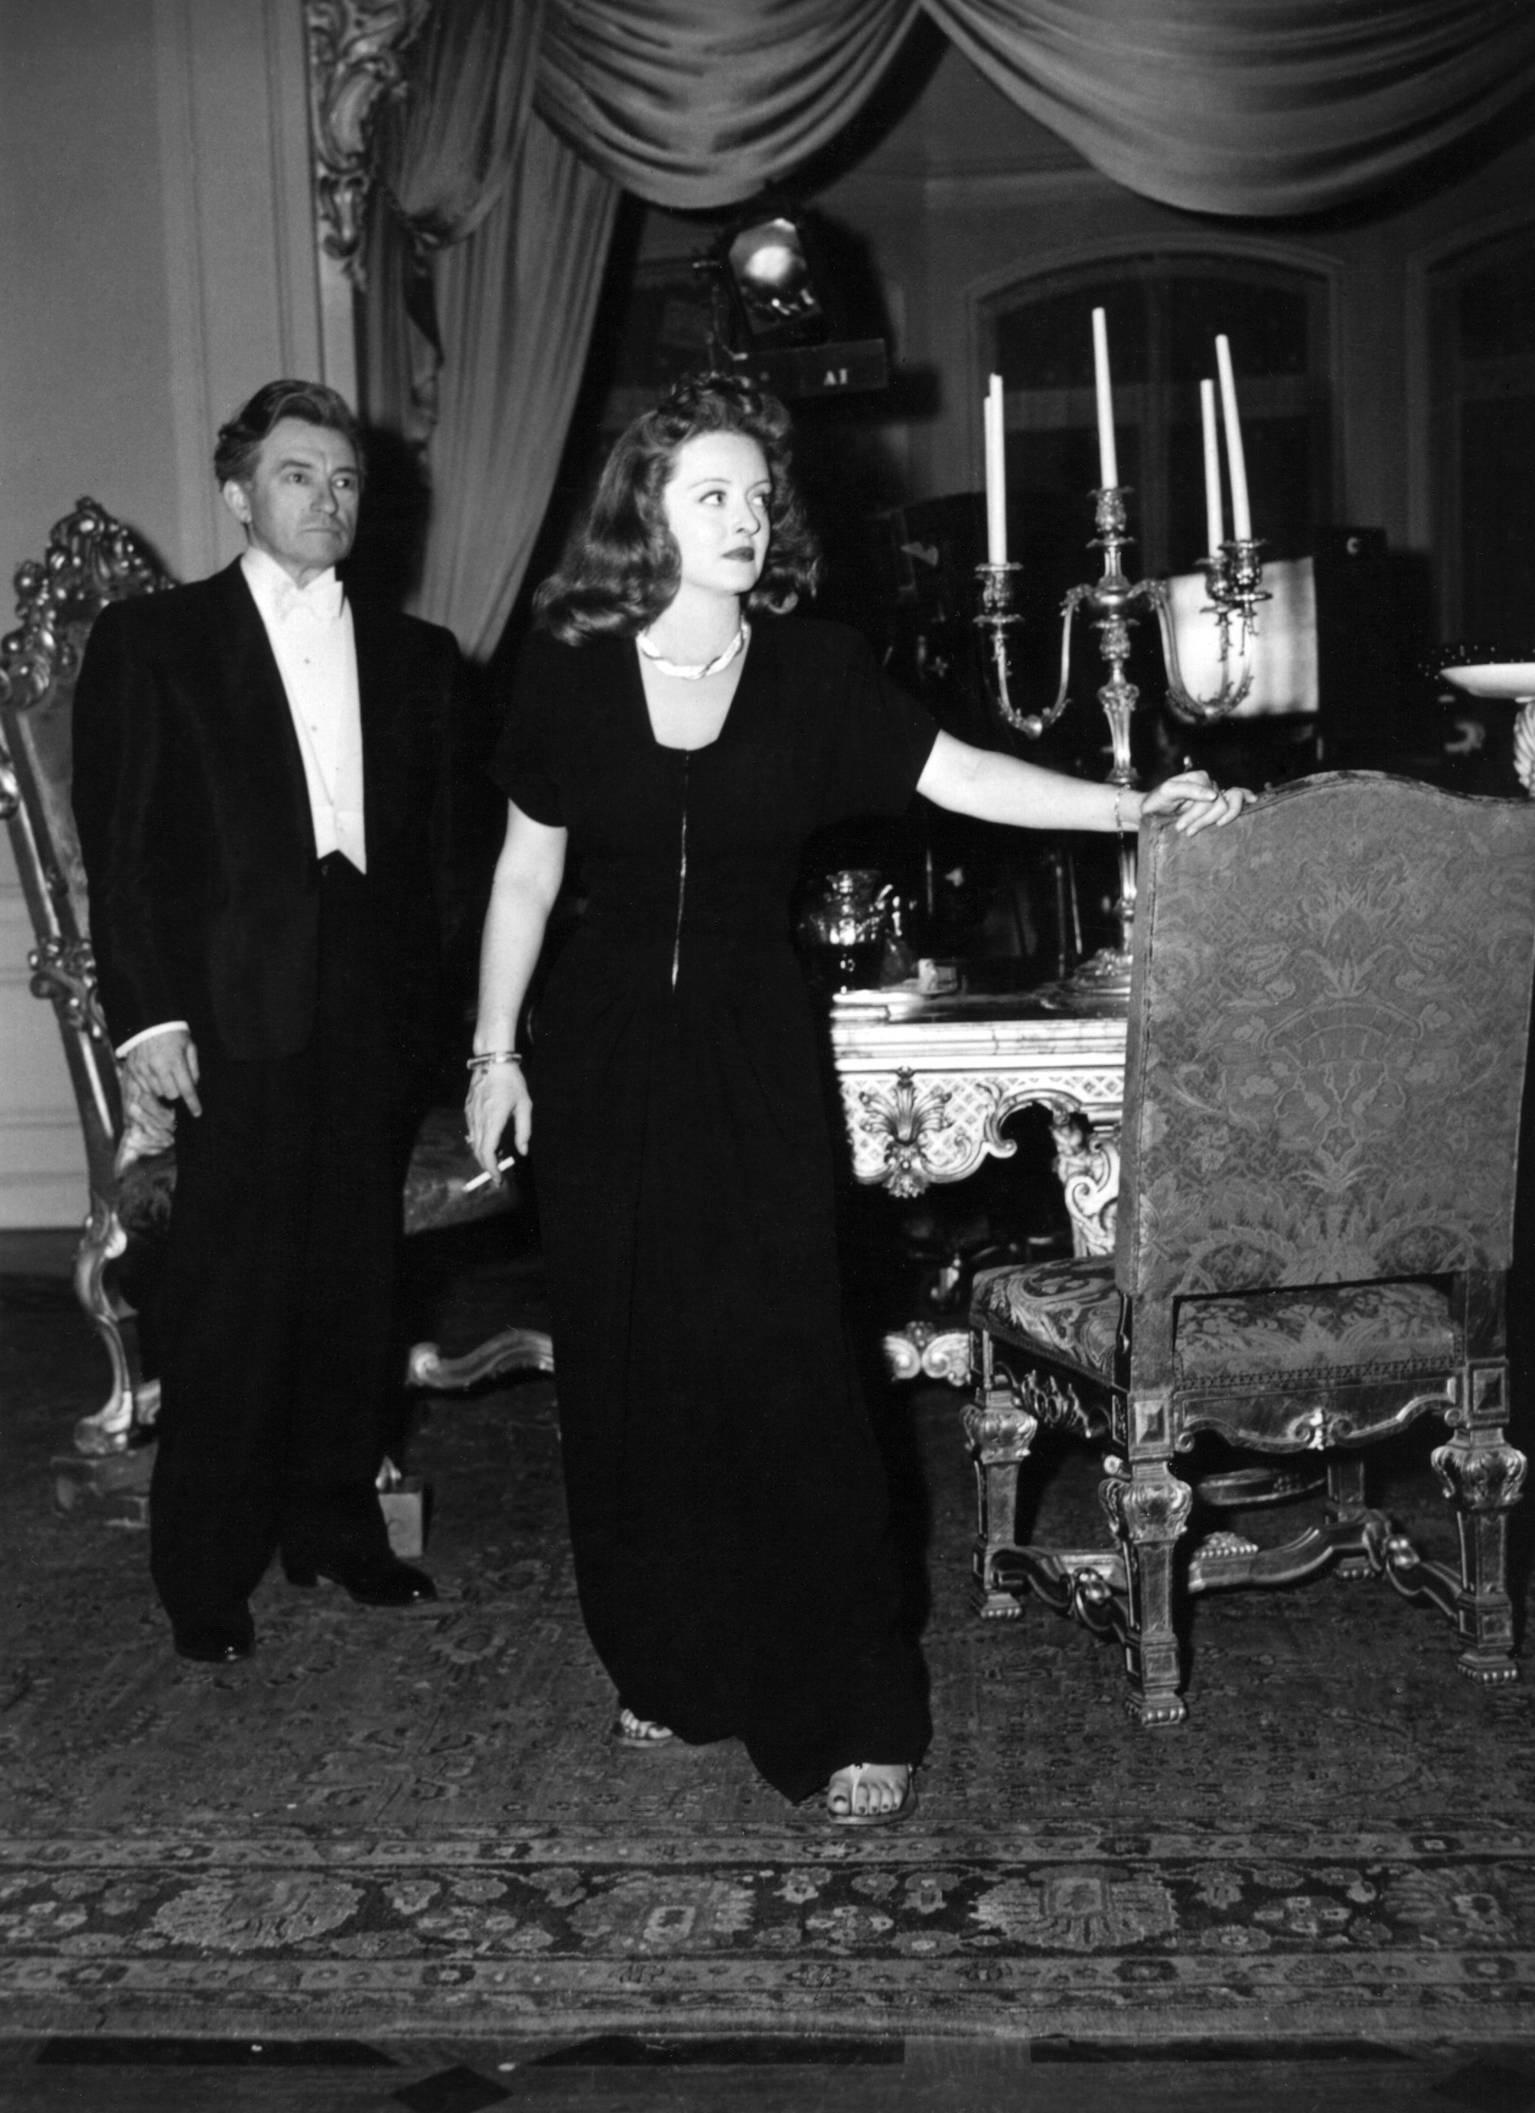 Bette Davis with Claude Rains